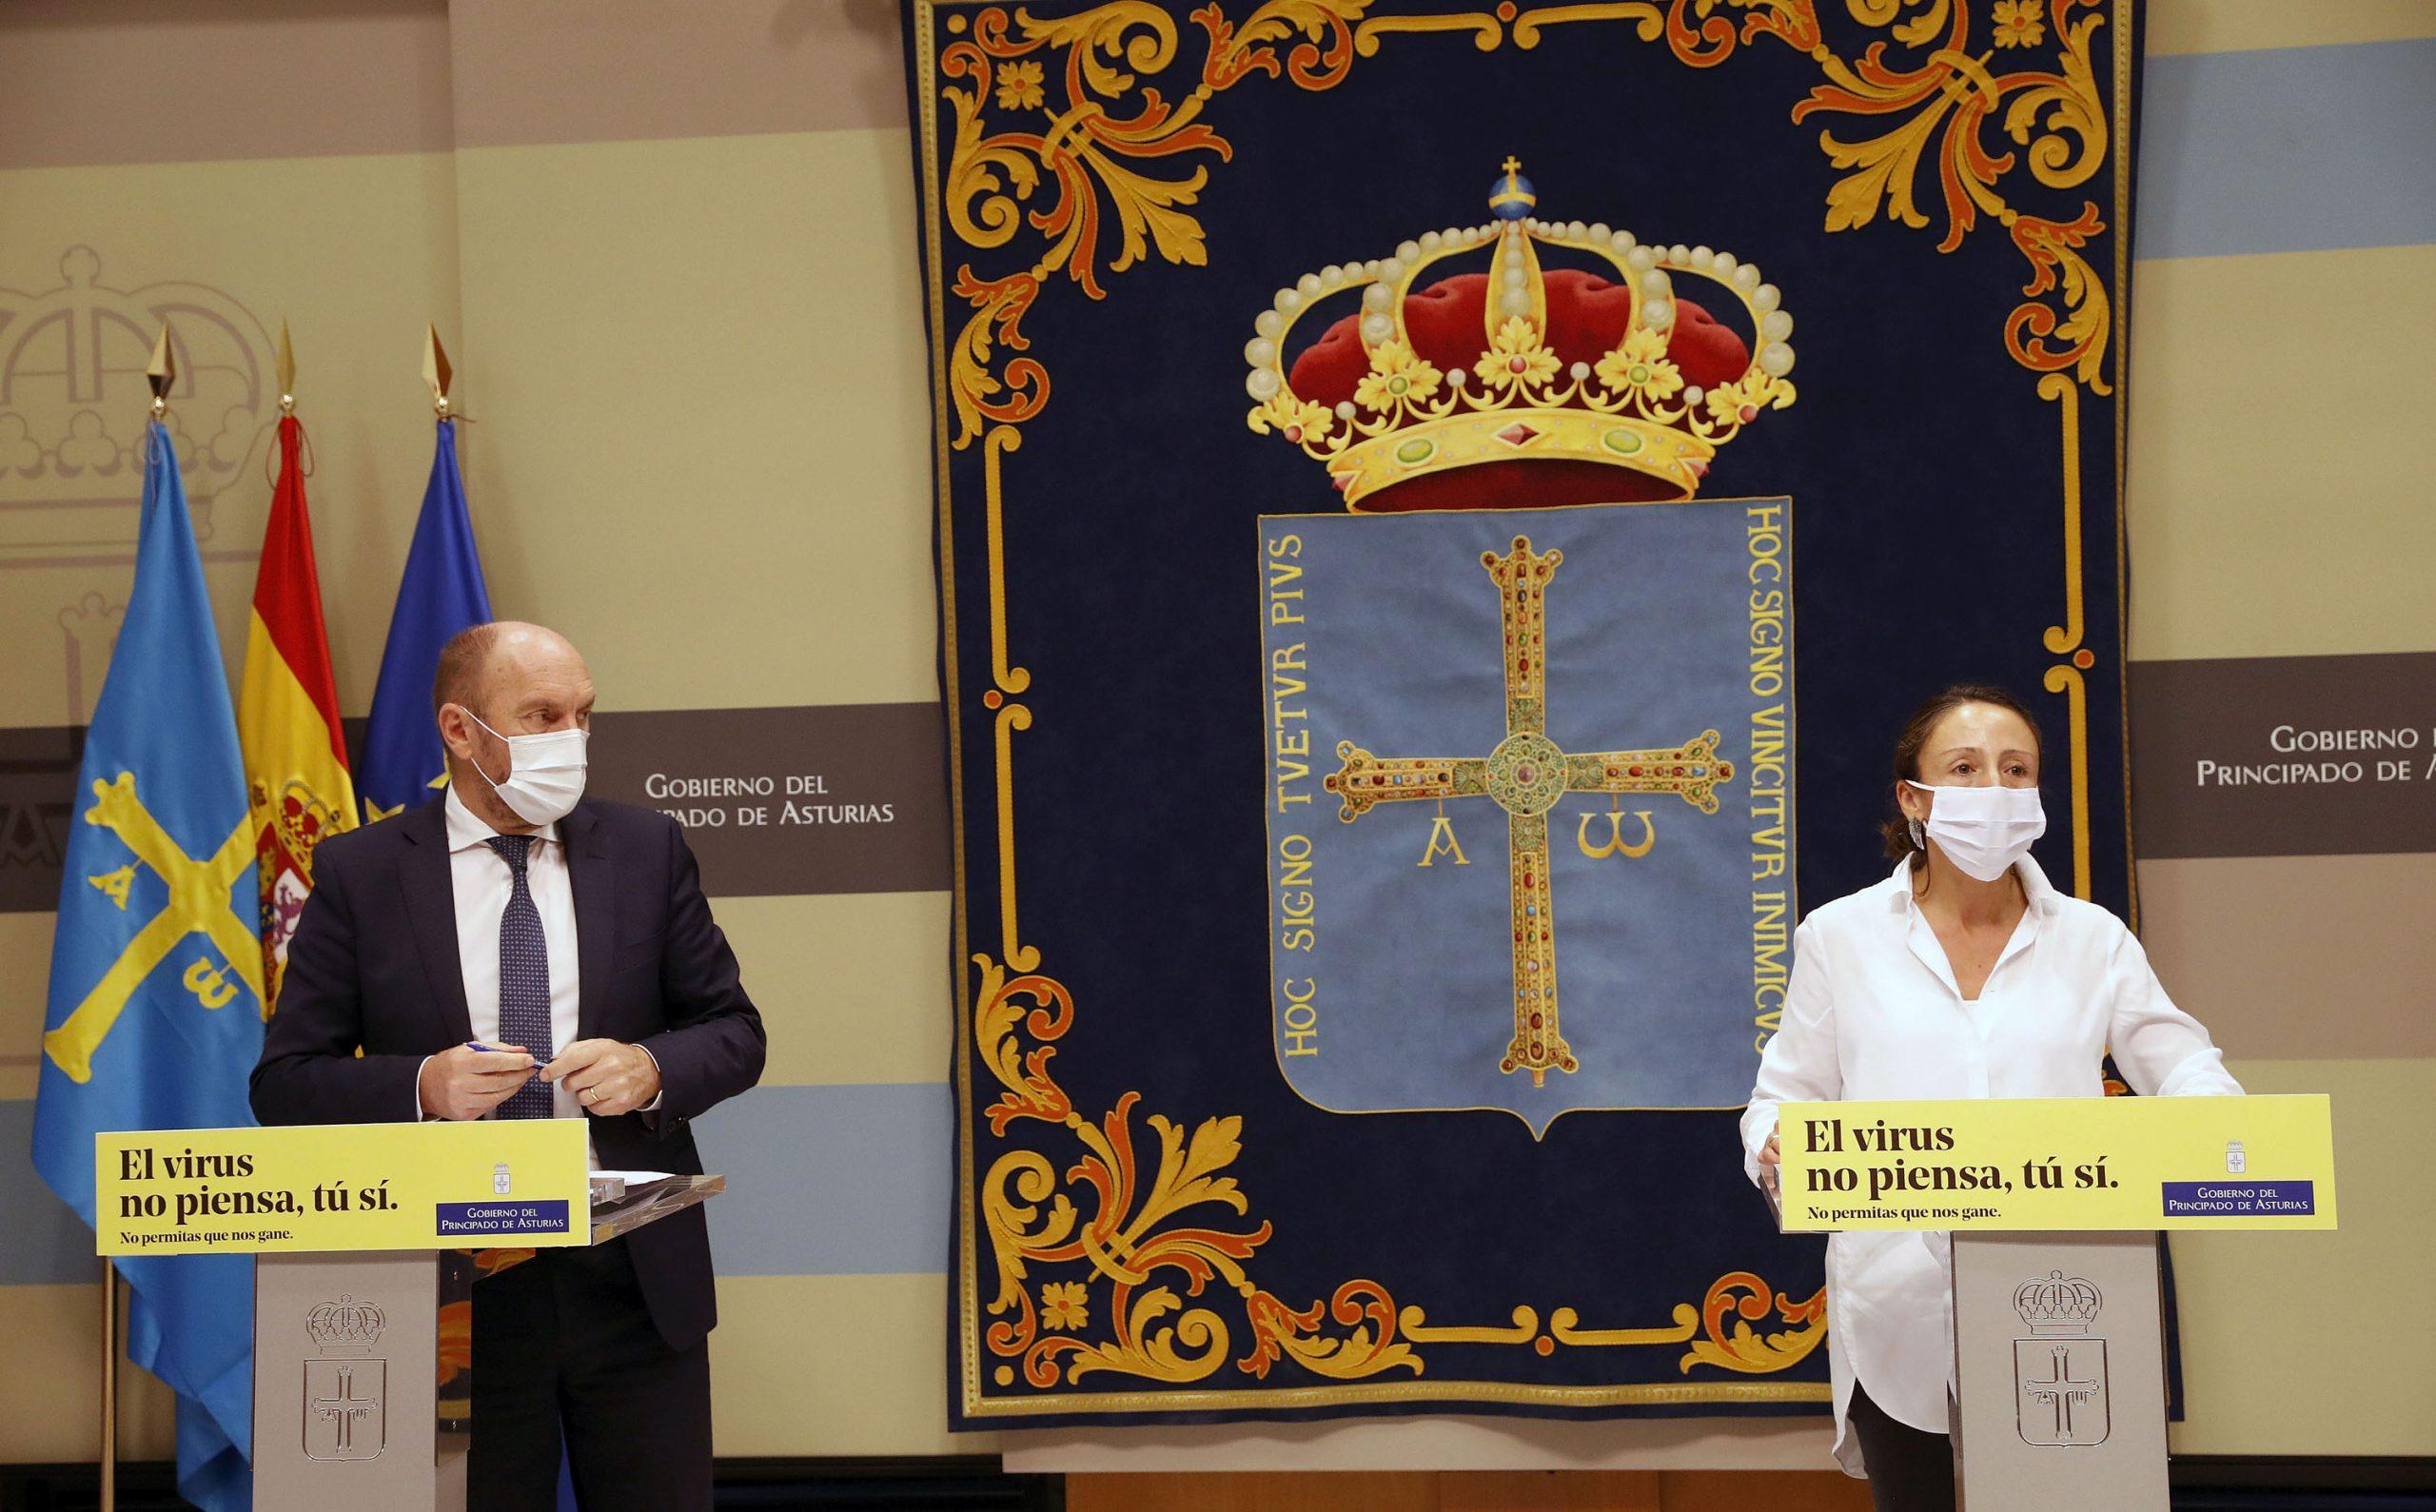 El Gobierno de Asturias moviliza 33,3 millones para apoyar a más de 17.650 profesionales afectados por la crisis sanitaria